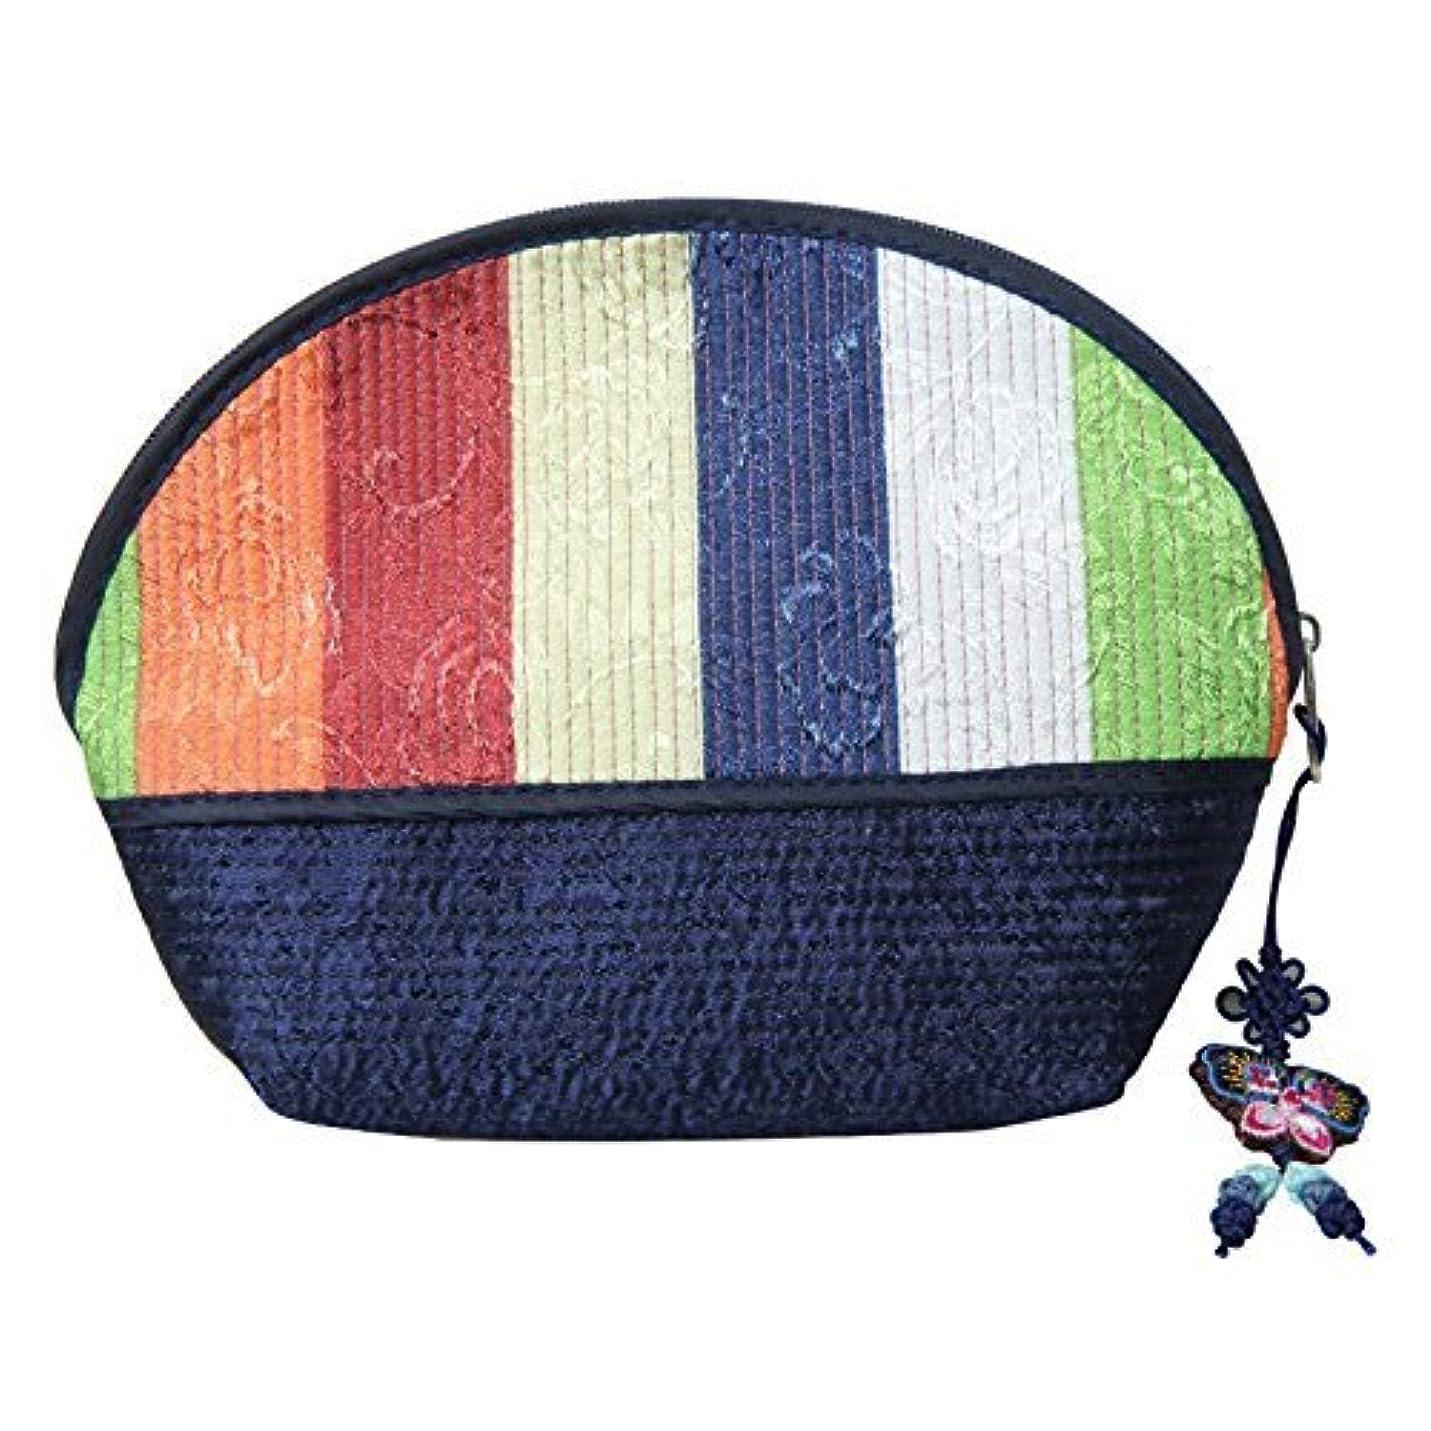 特派員中間気をつけてCosmetic Pouch Navy / 韓国の伝統的なパターン/韓国のお土産の贈り物 [並行輸入品]